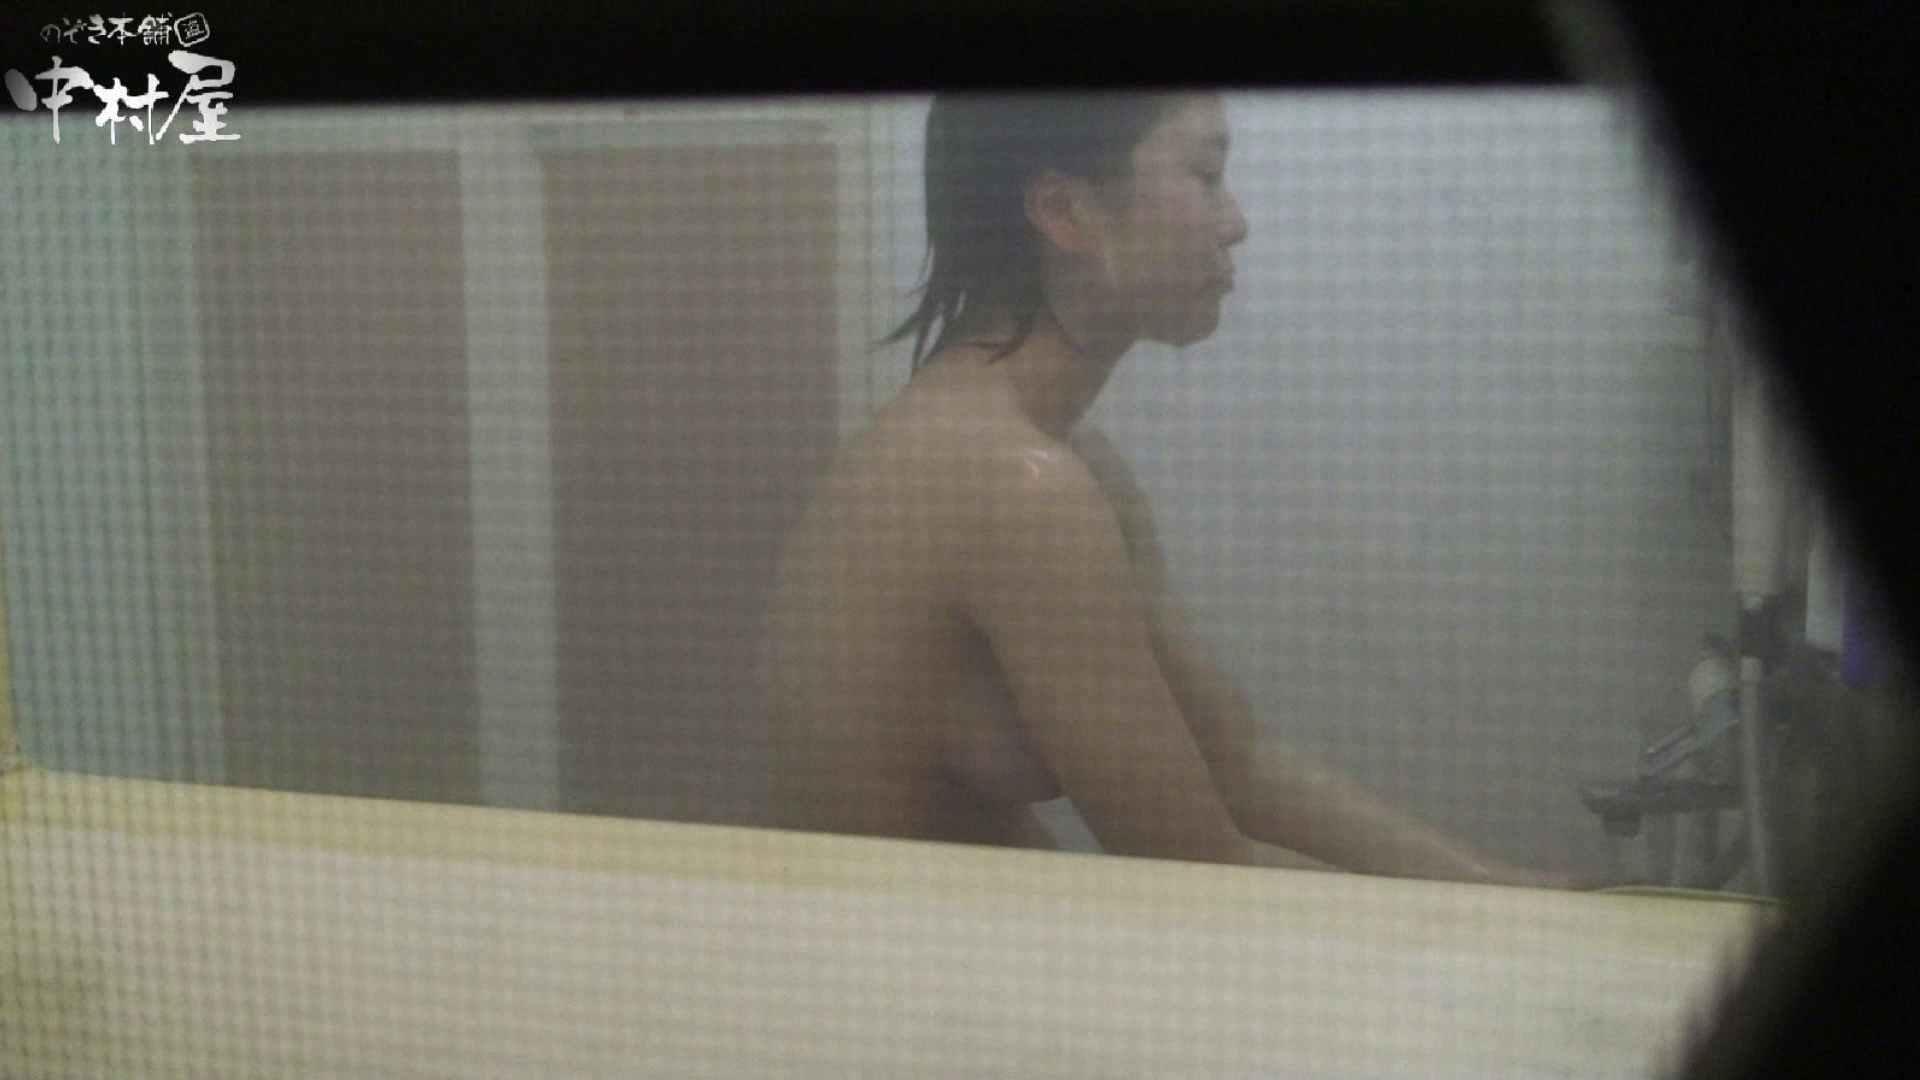 民家風呂専門盗撮師の超危険映像 vol.027 お色気美女 | お色気美少女  112枚 103